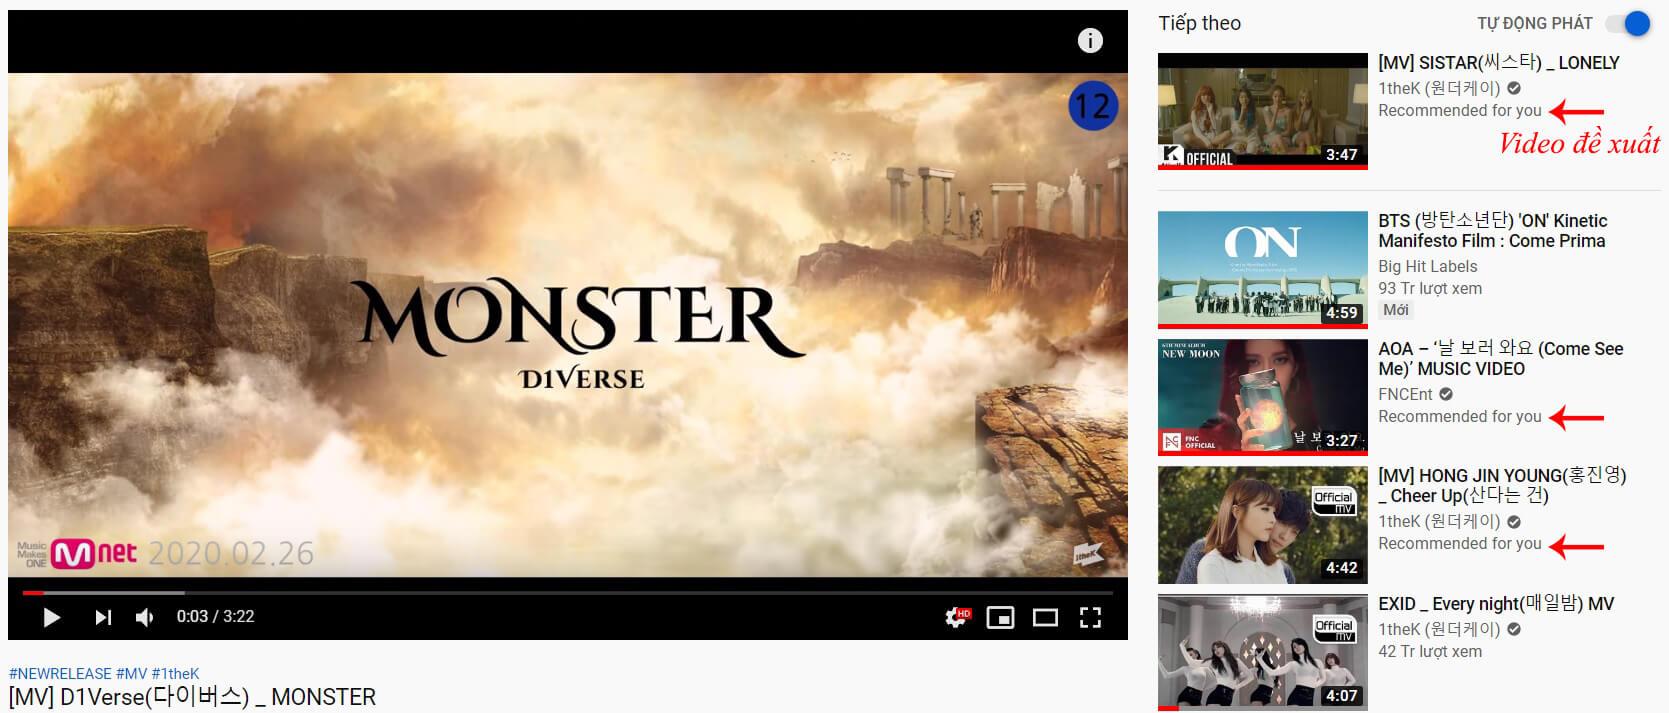 cách đề xuất video trên youtube